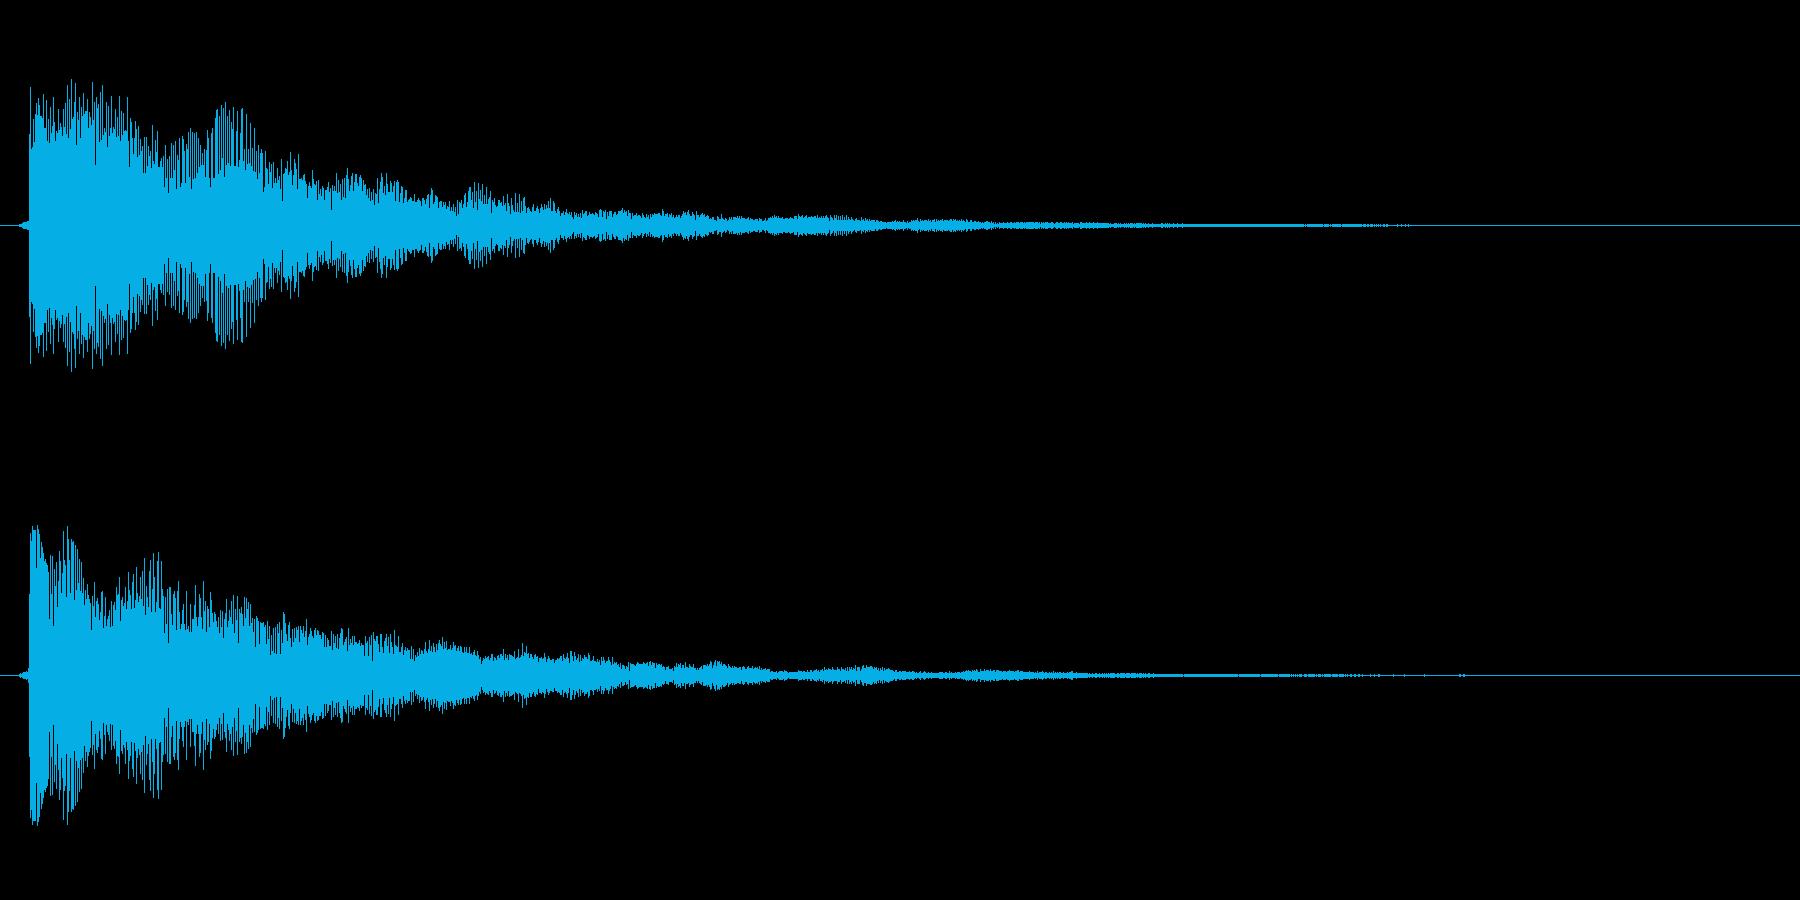 サウンドロゴ(企業ロゴ)_002の再生済みの波形